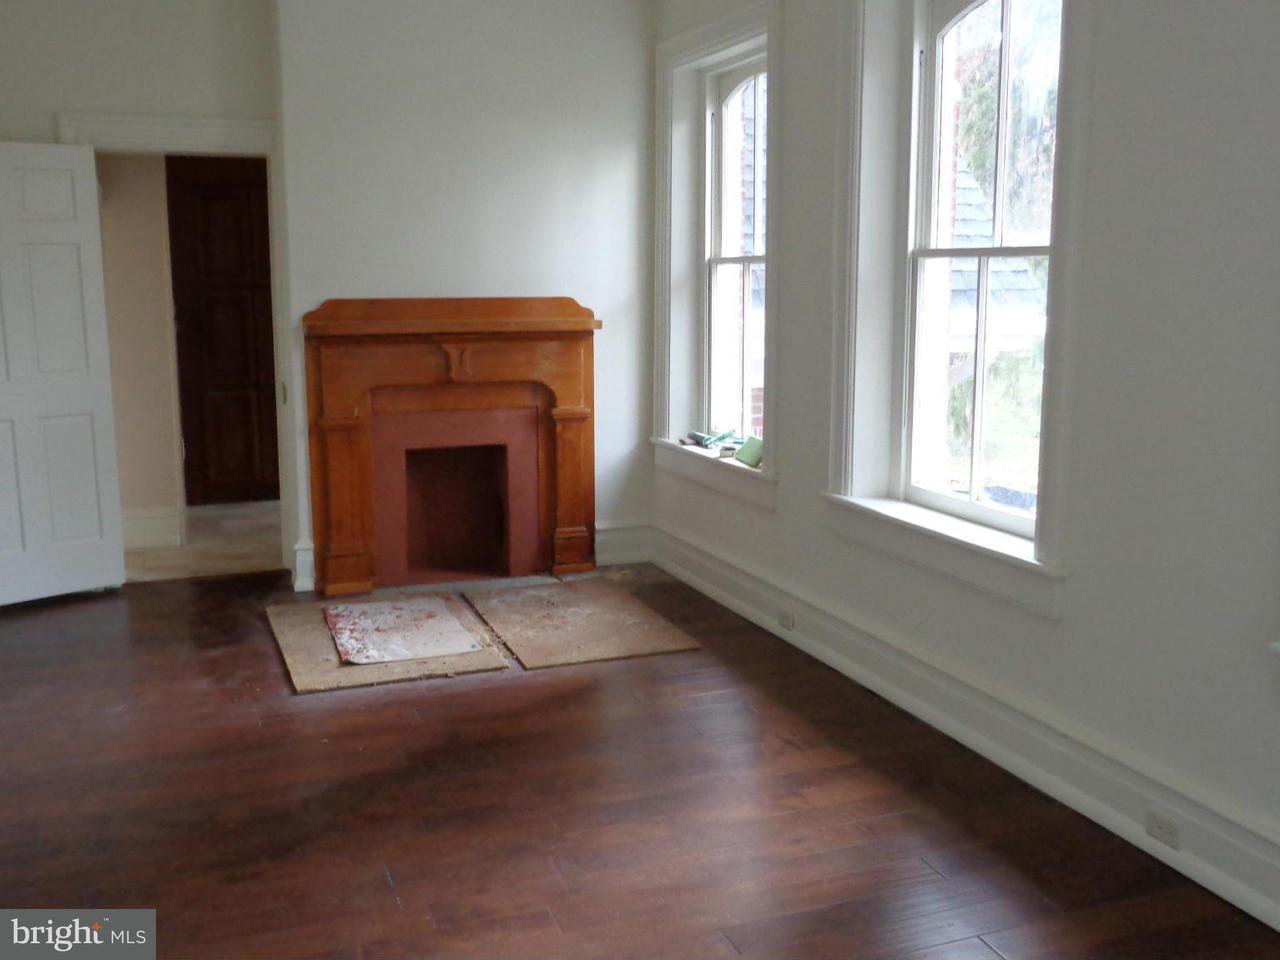 Casa Unifamiliar por un Venta en 213 PRINCE Street 213 PRINCE Street Shippensburg, Pennsylvania 17257 Estados Unidos